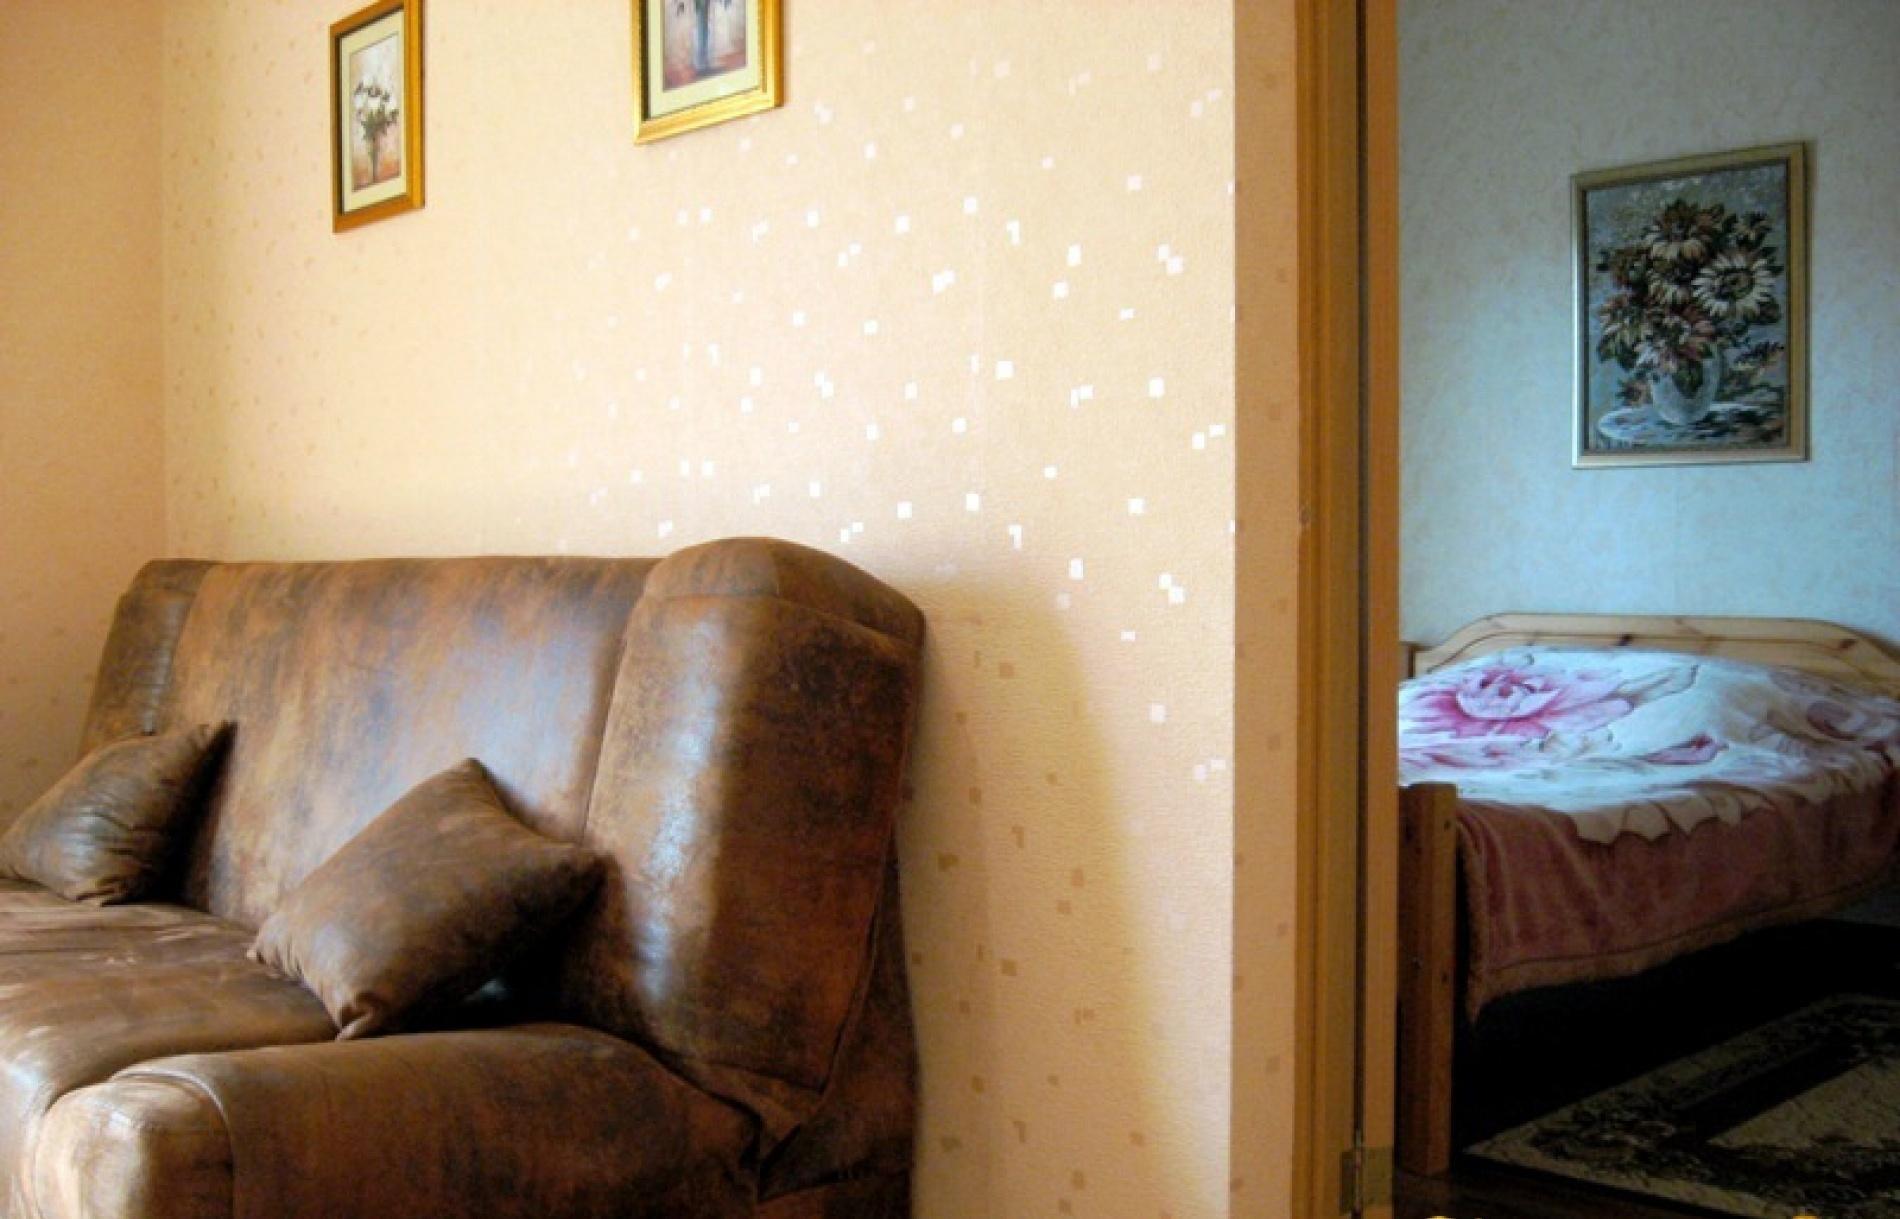 Гостевой дом «Понарт» Калининградская область «Двухкомнатный двухместный номер», фото 2